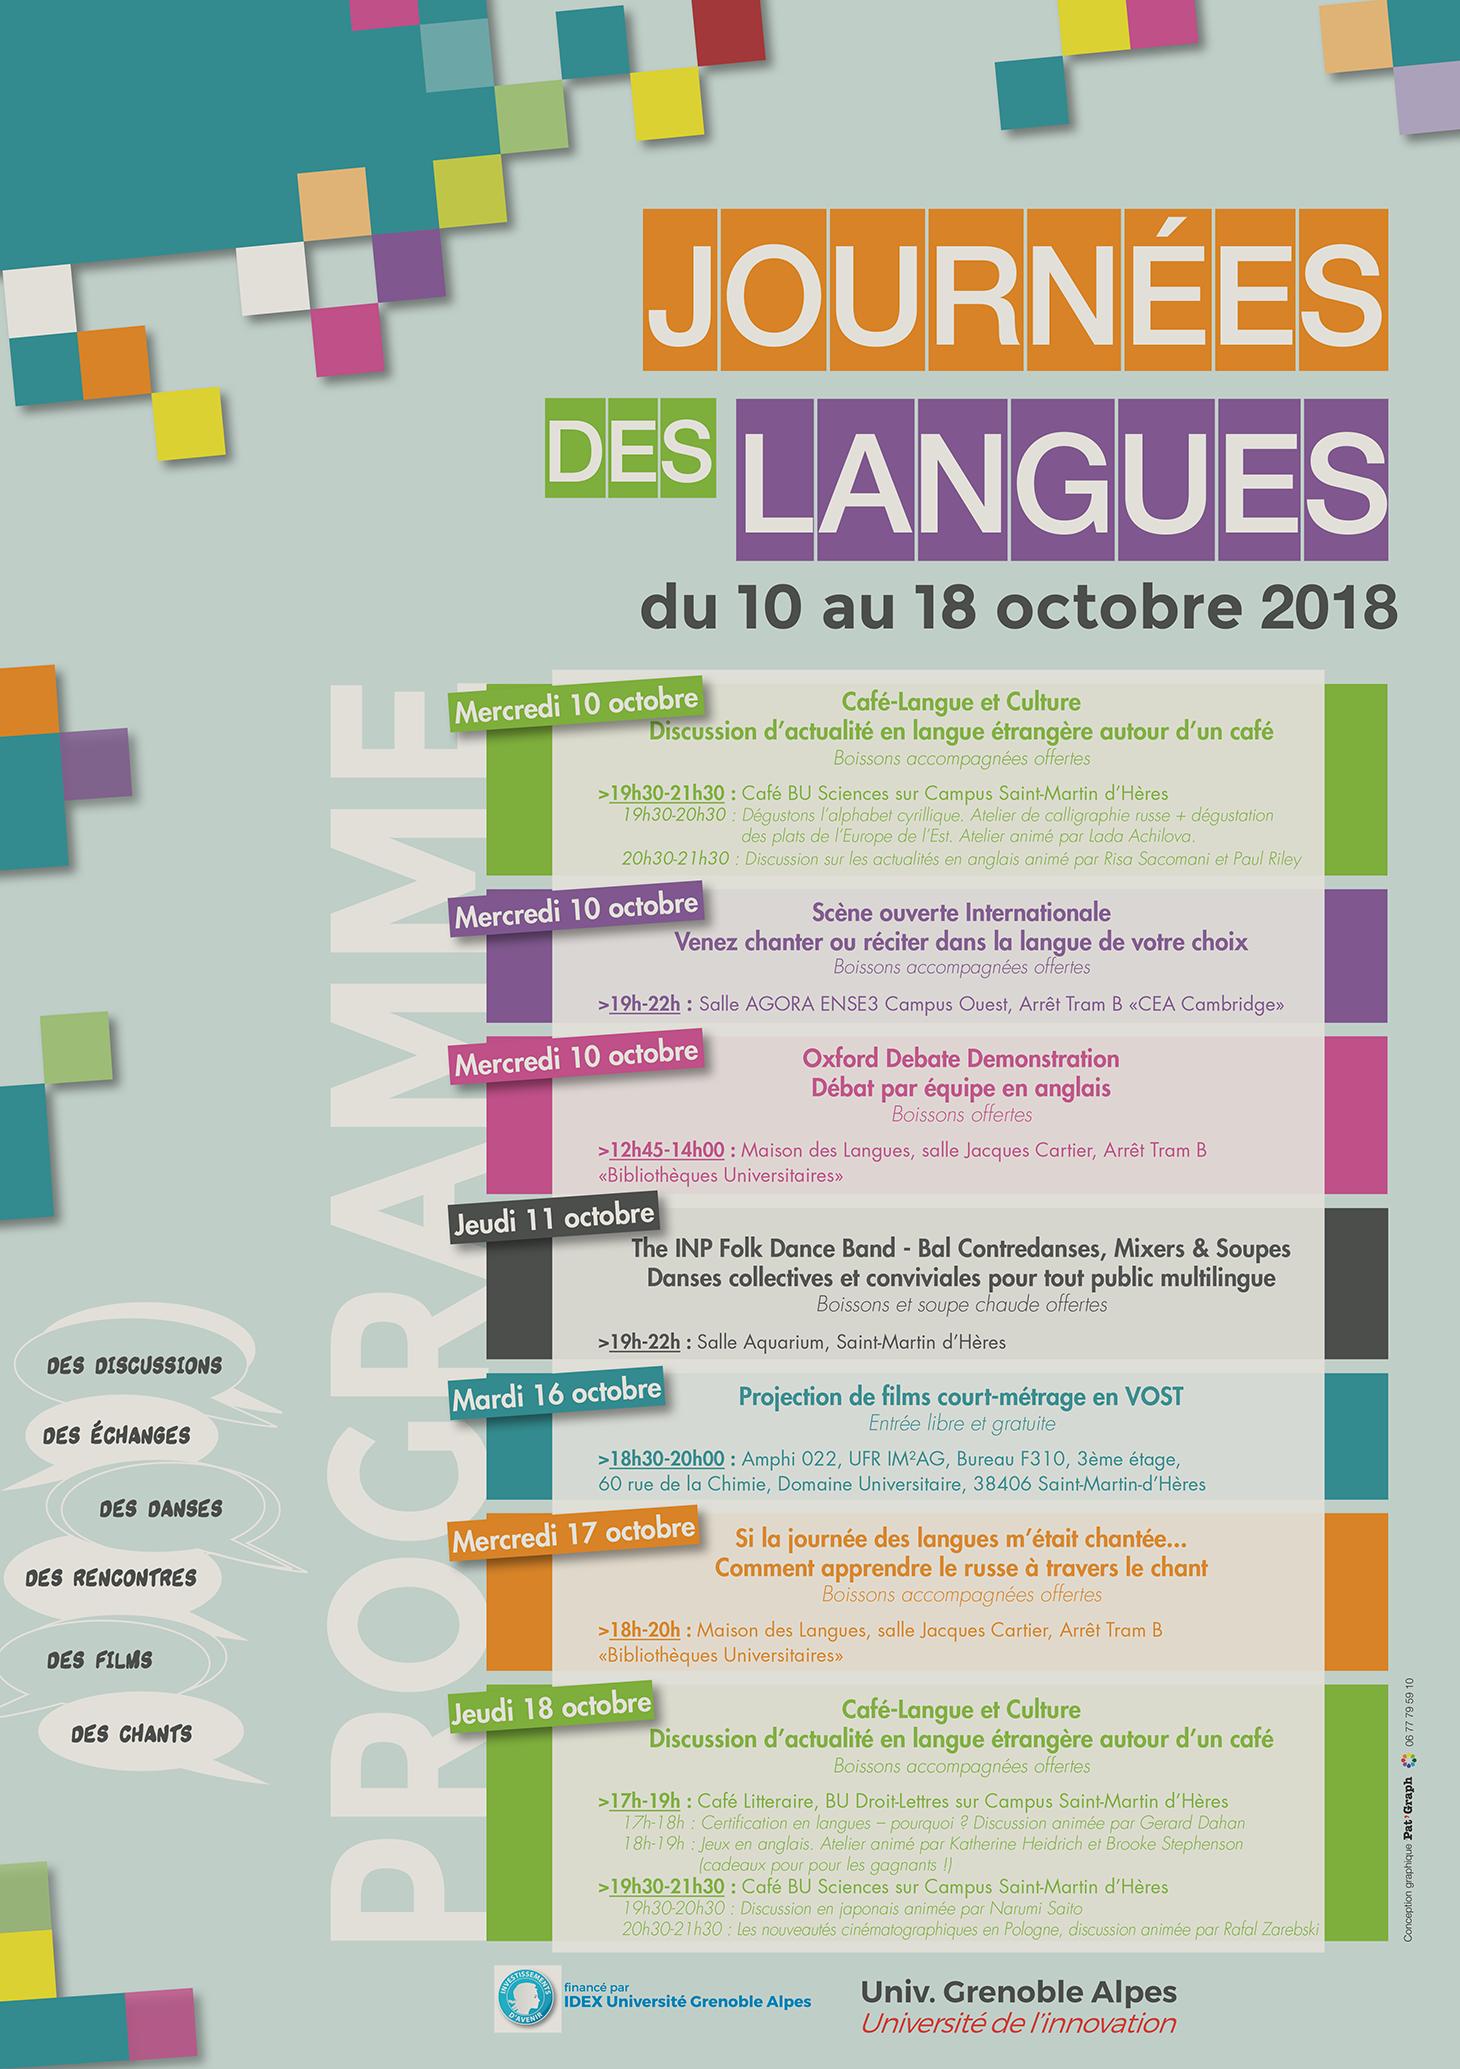 Journées des langues